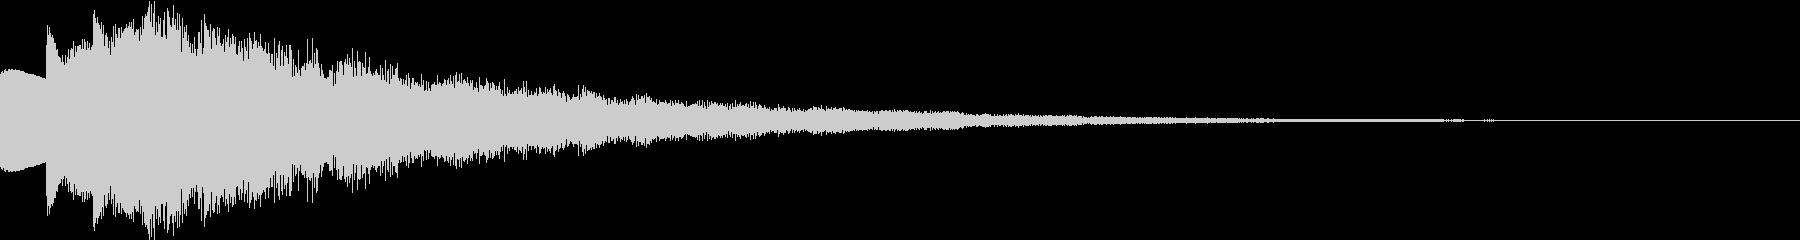 キラキラ 決定音 成功音の未再生の波形